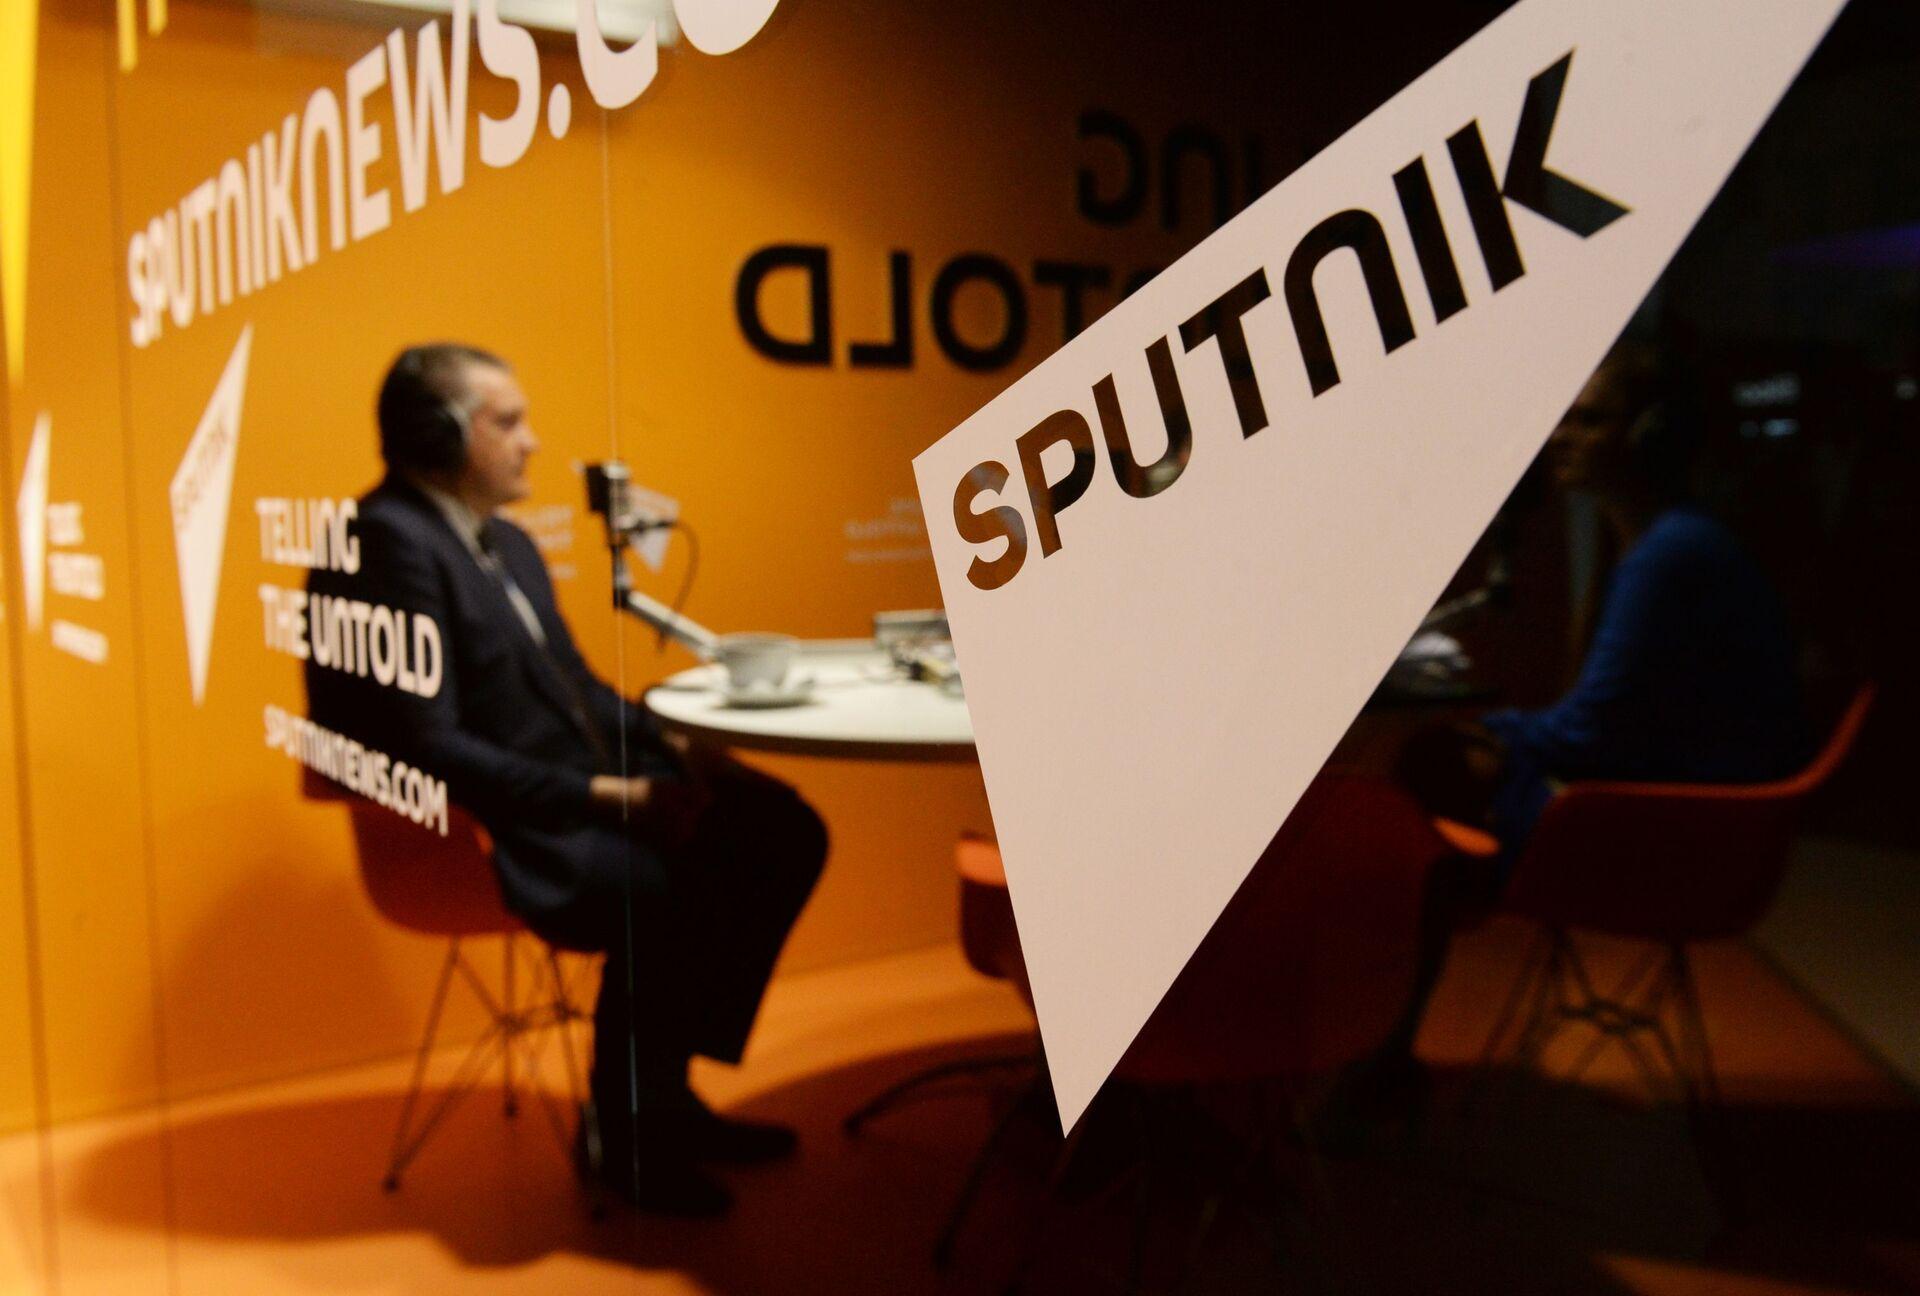 Сад је званично: Брисел гуши Спутњик у Србији јер је слободан, утицајан и важан - Sputnik Србија, 1920, 25.03.2021